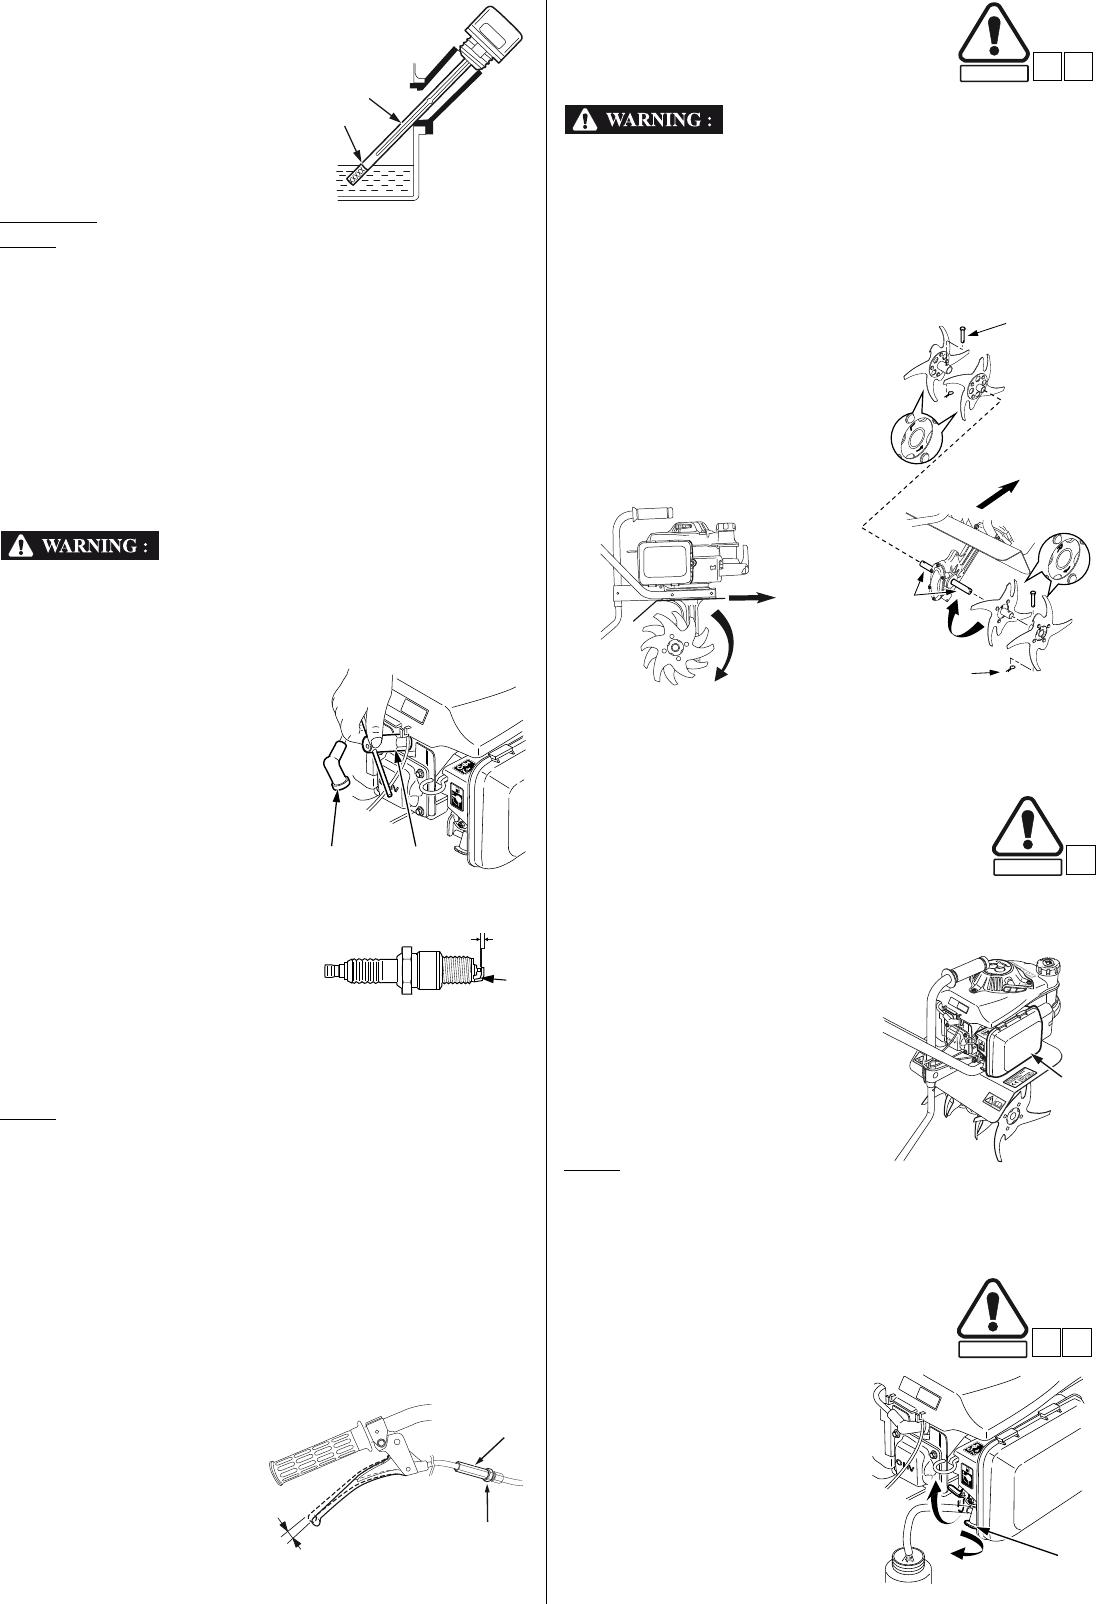 Handleiding Honda Fg201 Pagina 9 Van 14 English Diagram Electronic Canary Also Iso Din Connector Wiring 7 En